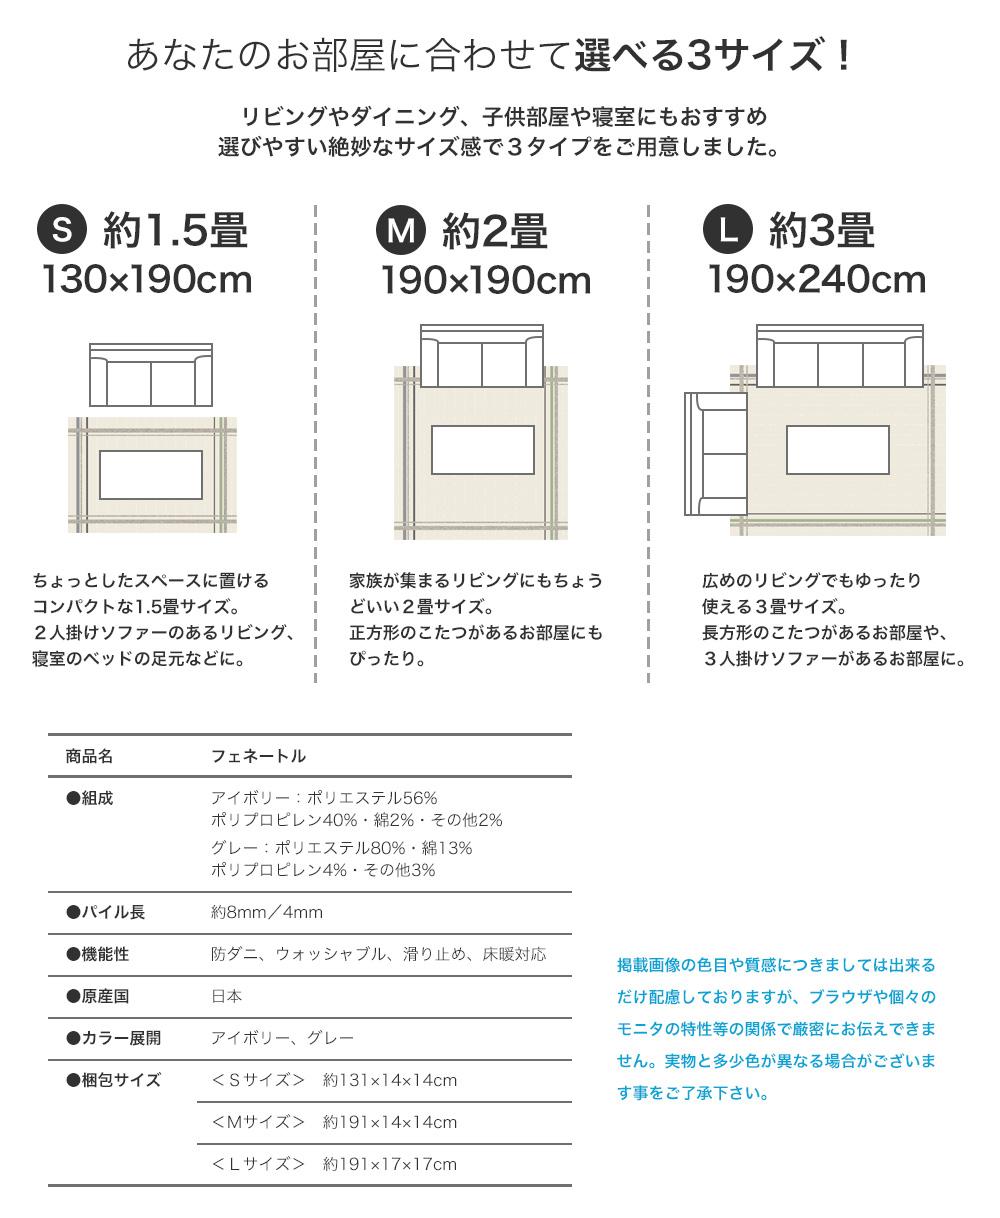 フェネートル Sサイズ 130x190cm ラグ